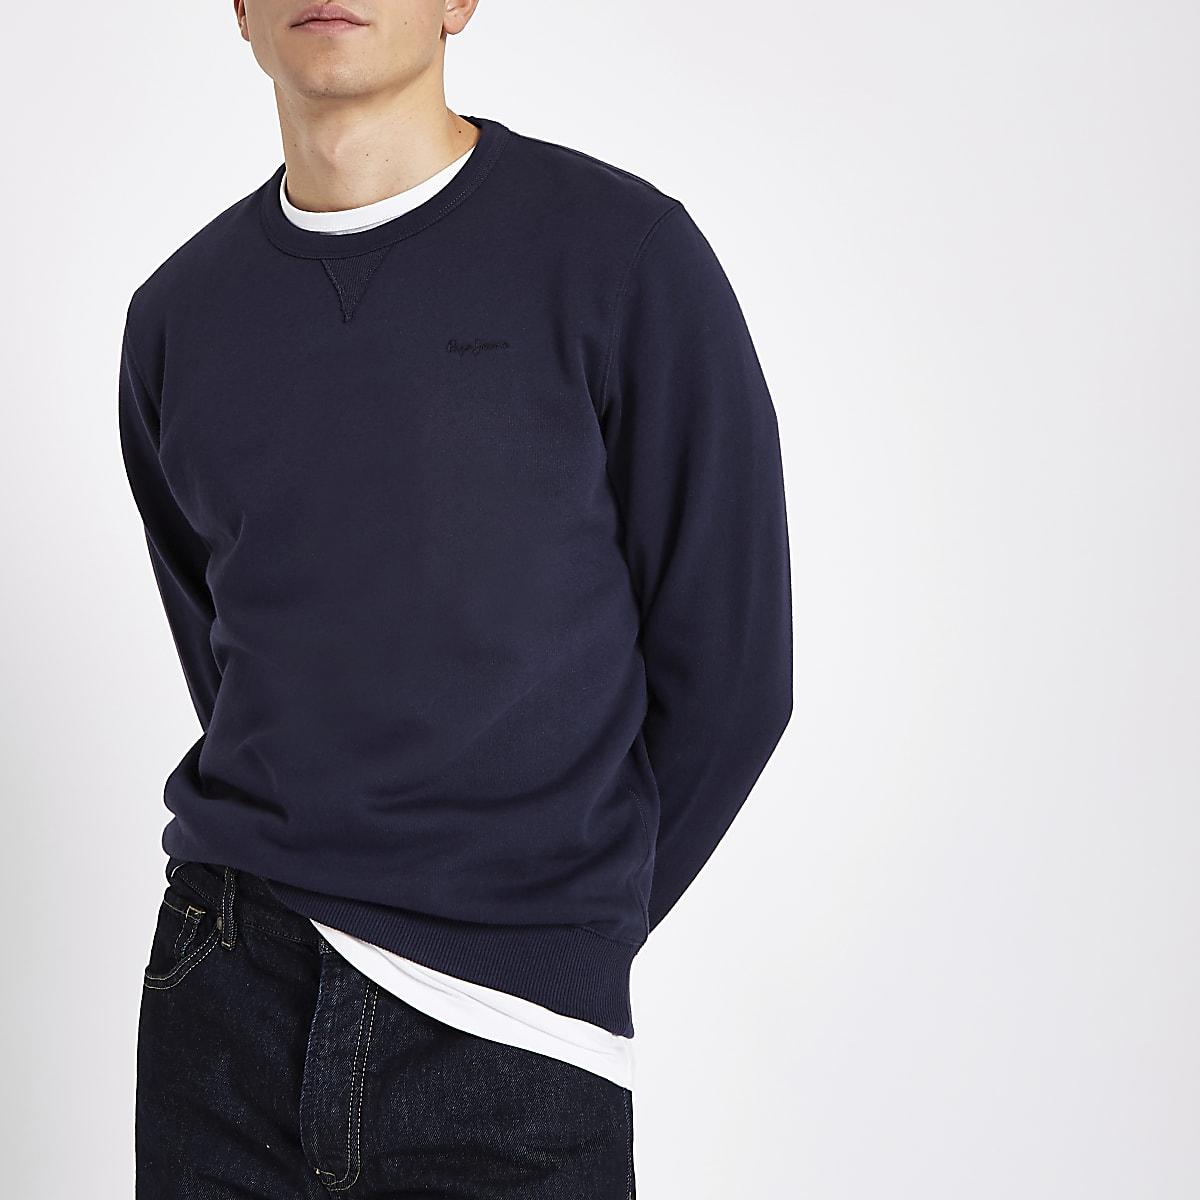 Pepe Jeans – Marineblauer Pullover mit Rundhalsausschnitt